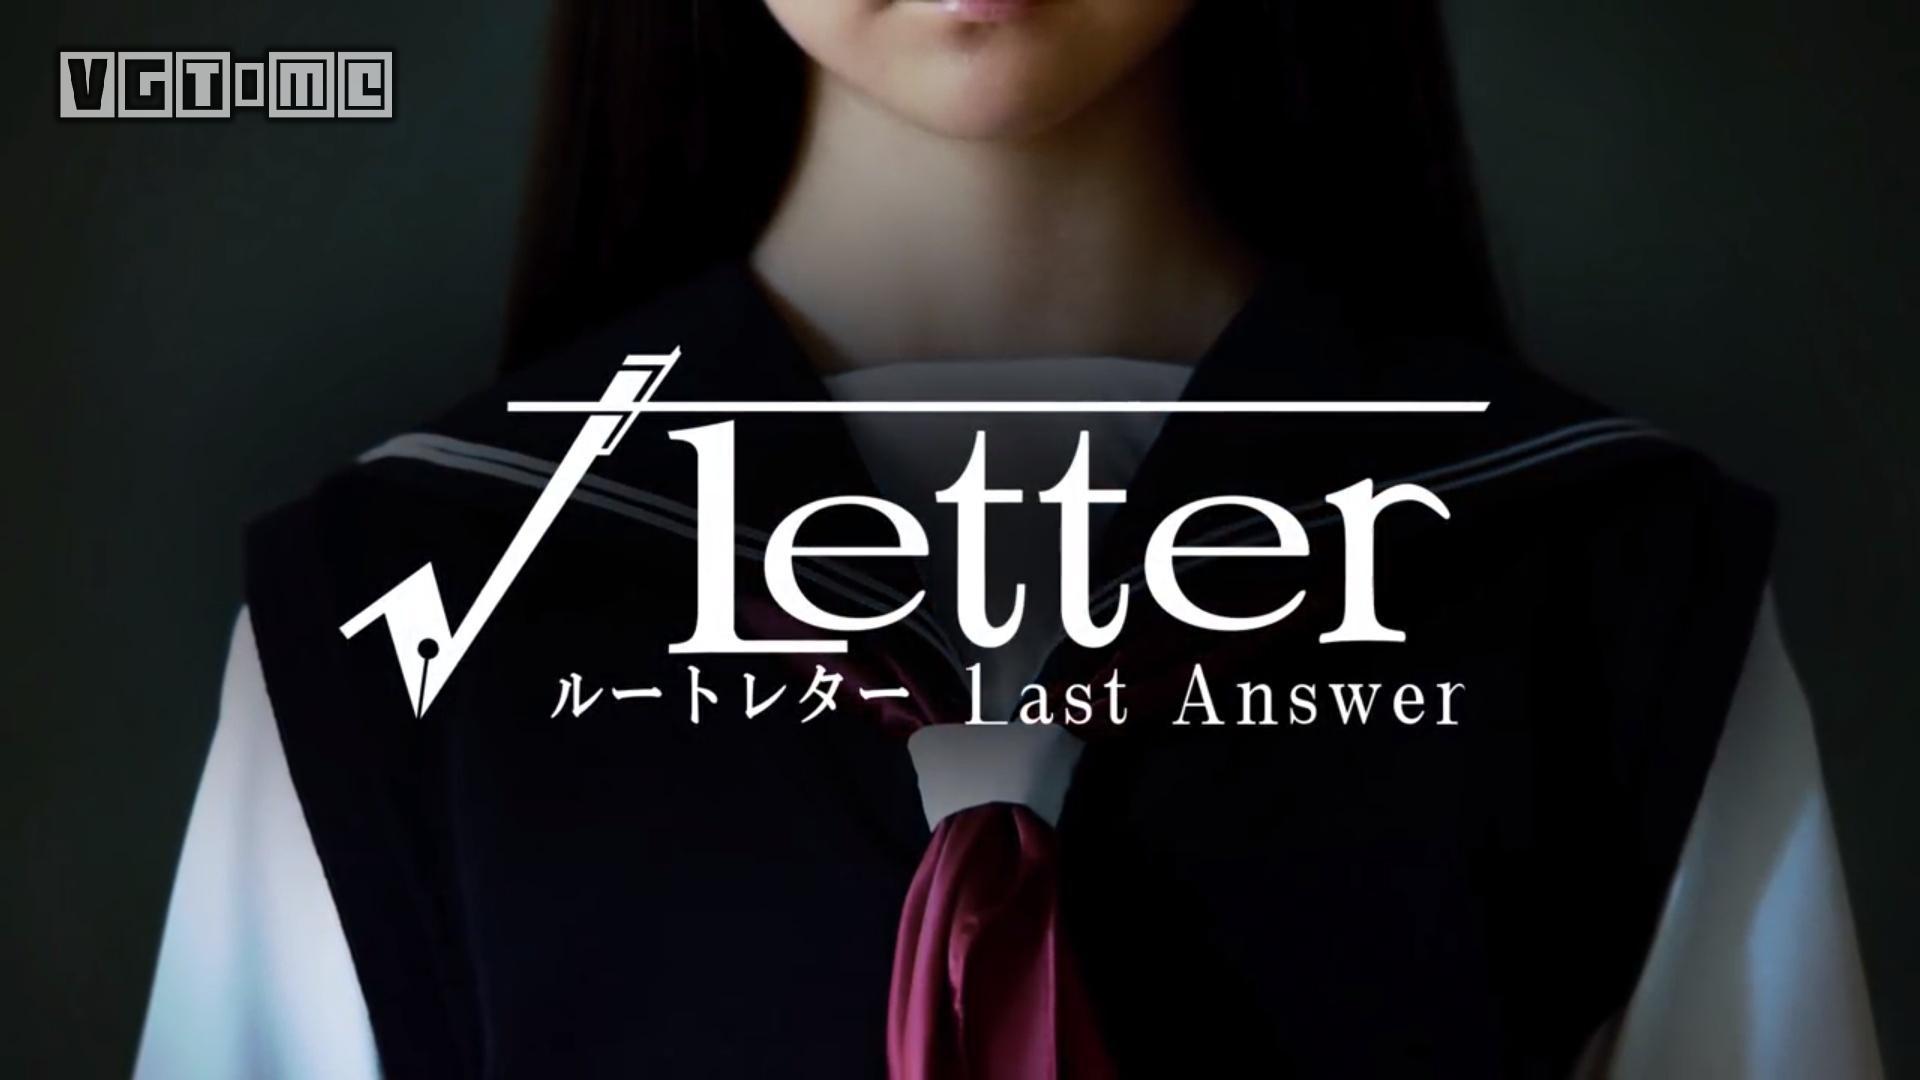 《方根书简 Last Answer》发售日确定 原版和真人演出版并存